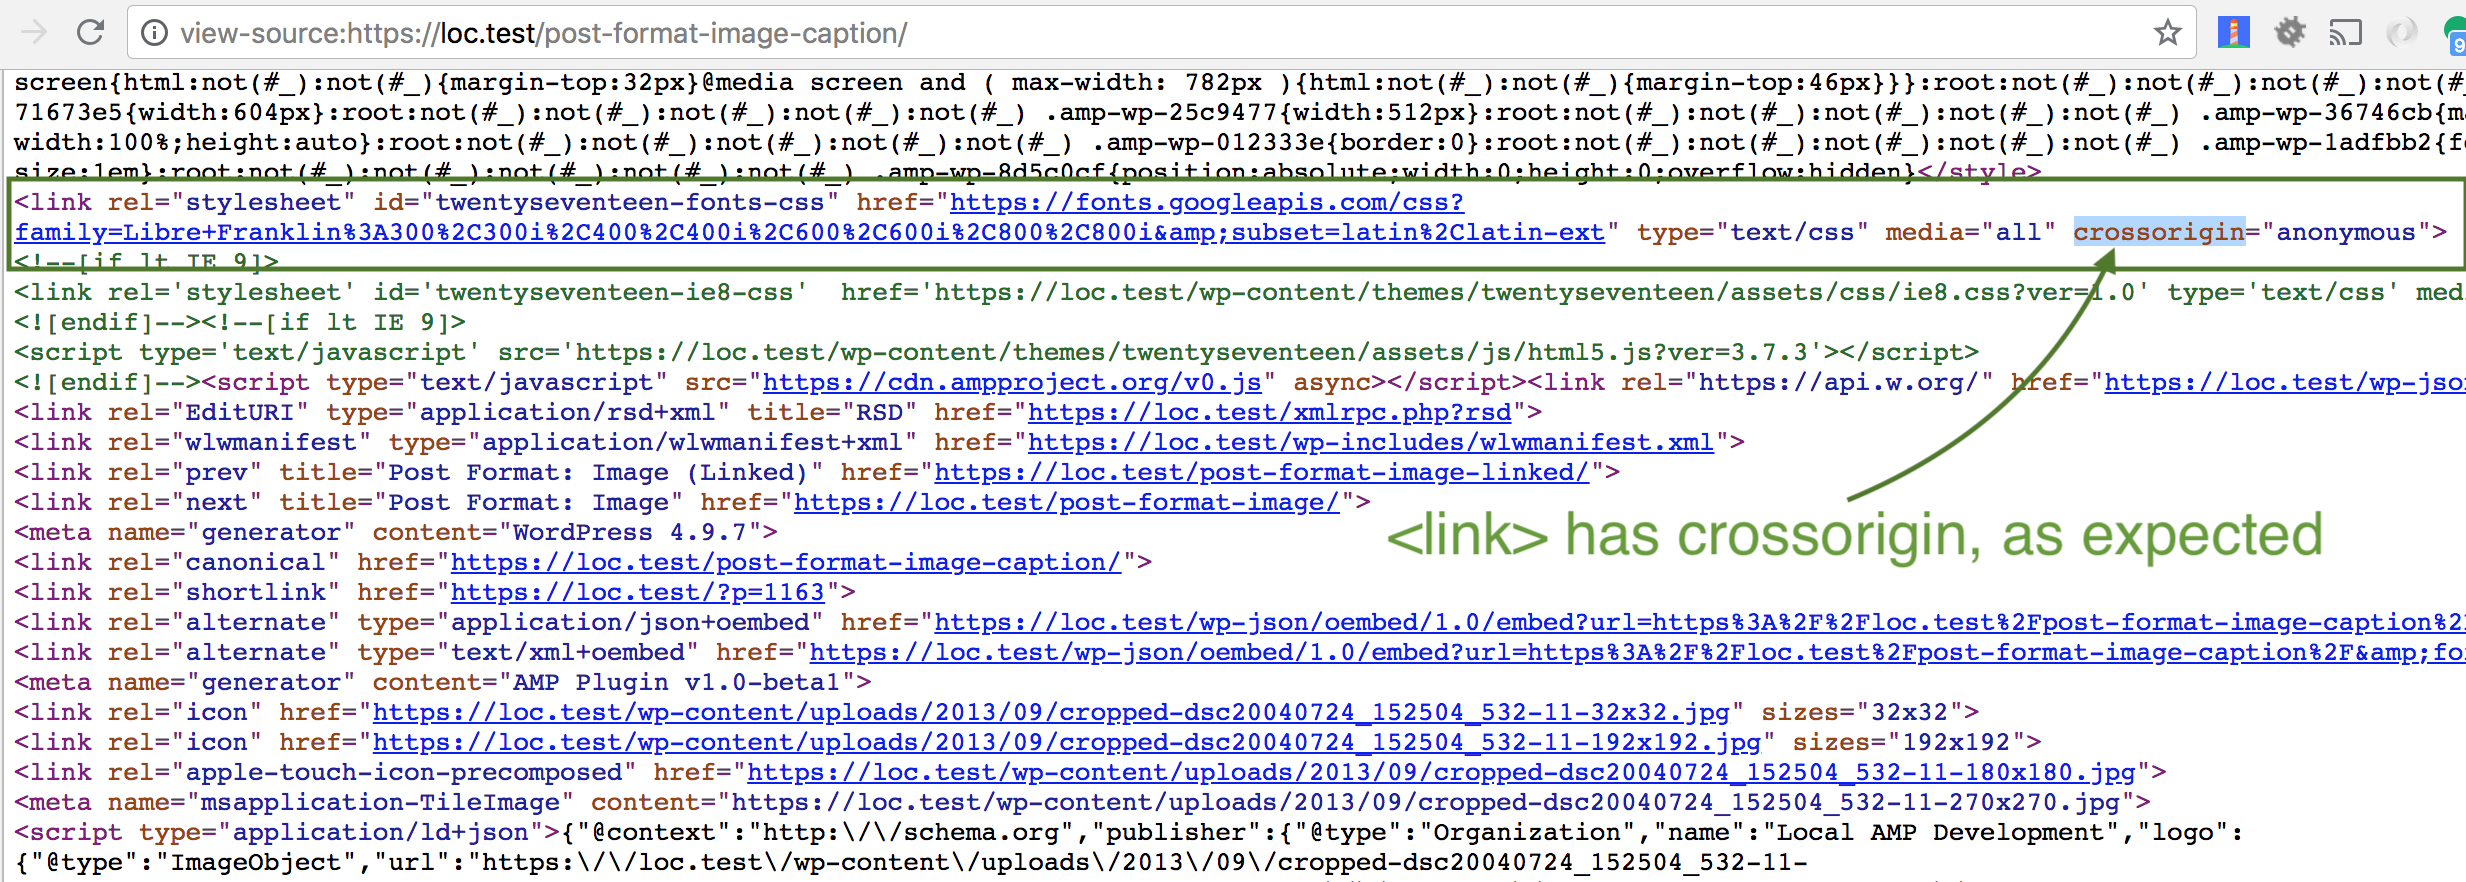 link-crossorigin